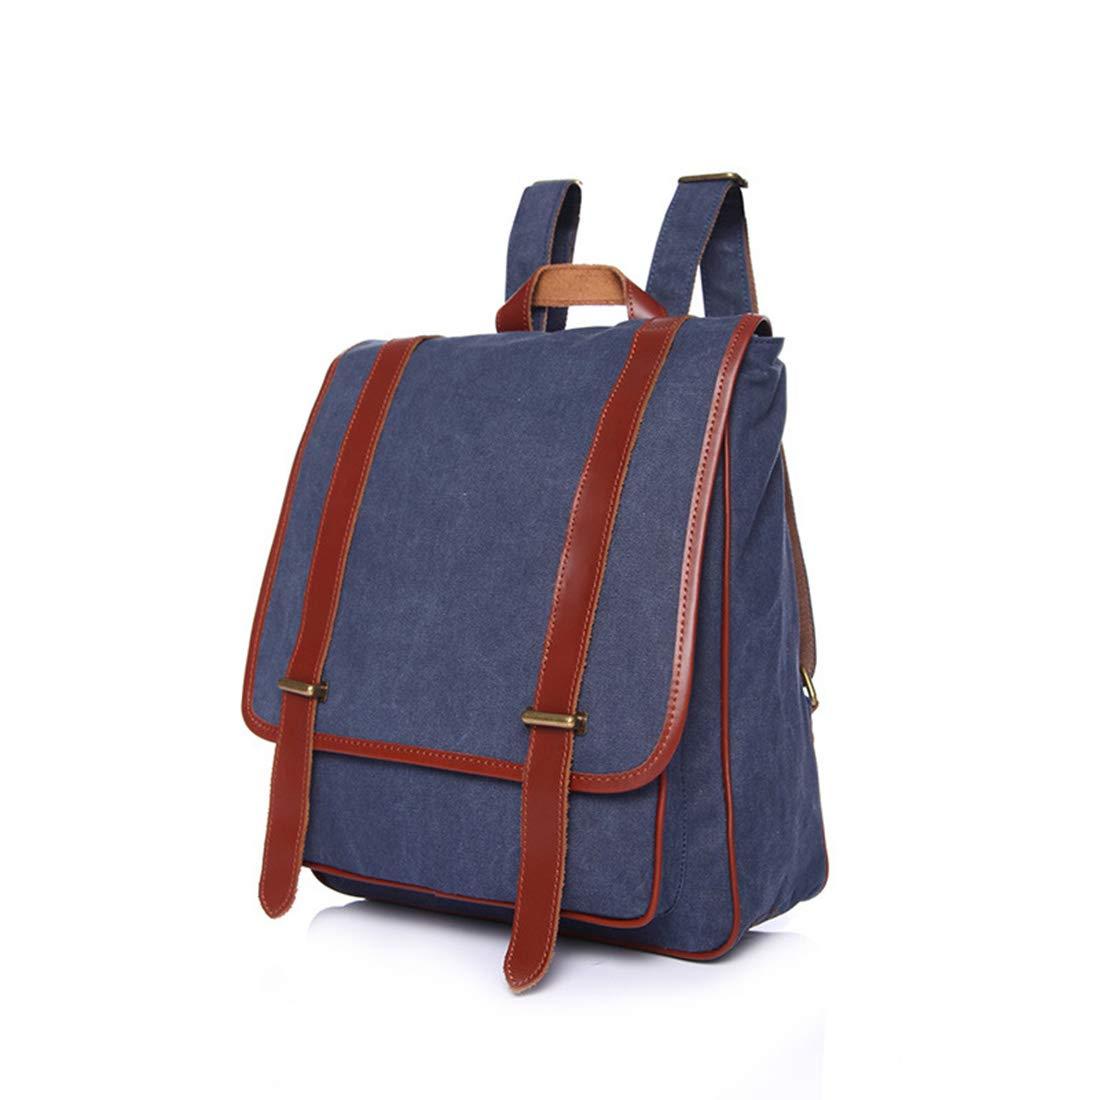 Ryggsäck för kvinnor ryggsäck vattentät vintage dragkedja kanvas vandring student utomhus shopping ryggsäck (färg: Marinblå) marinblå